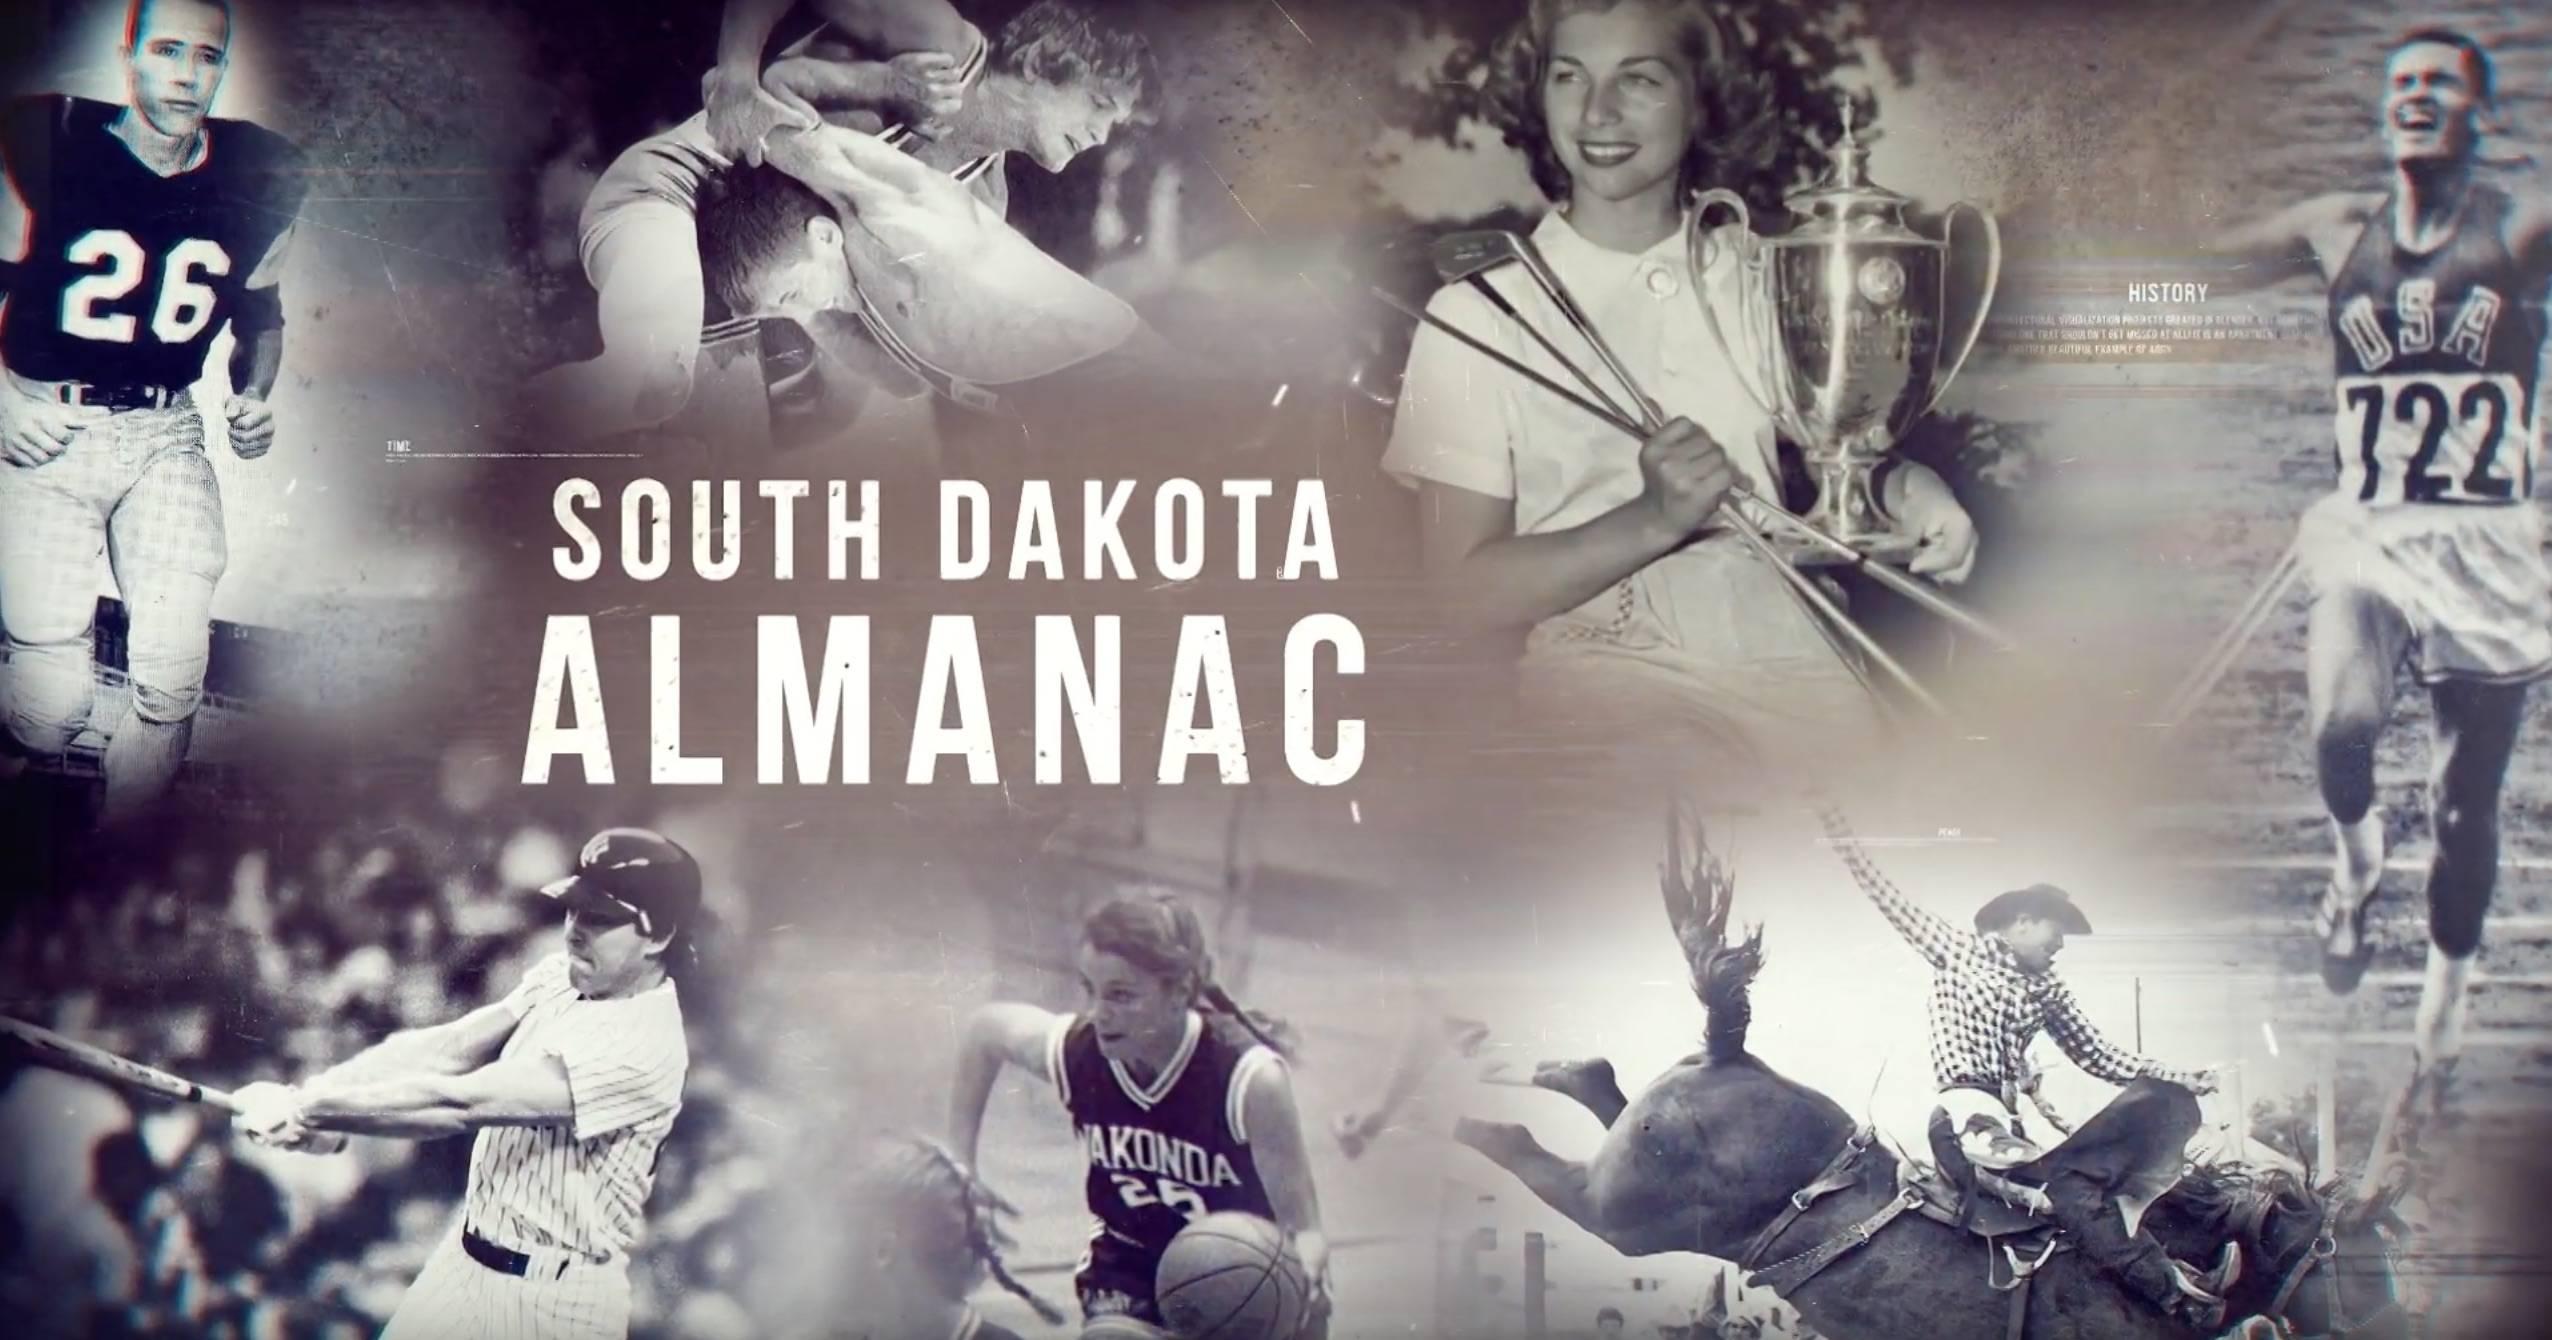 South Dakota Almanac